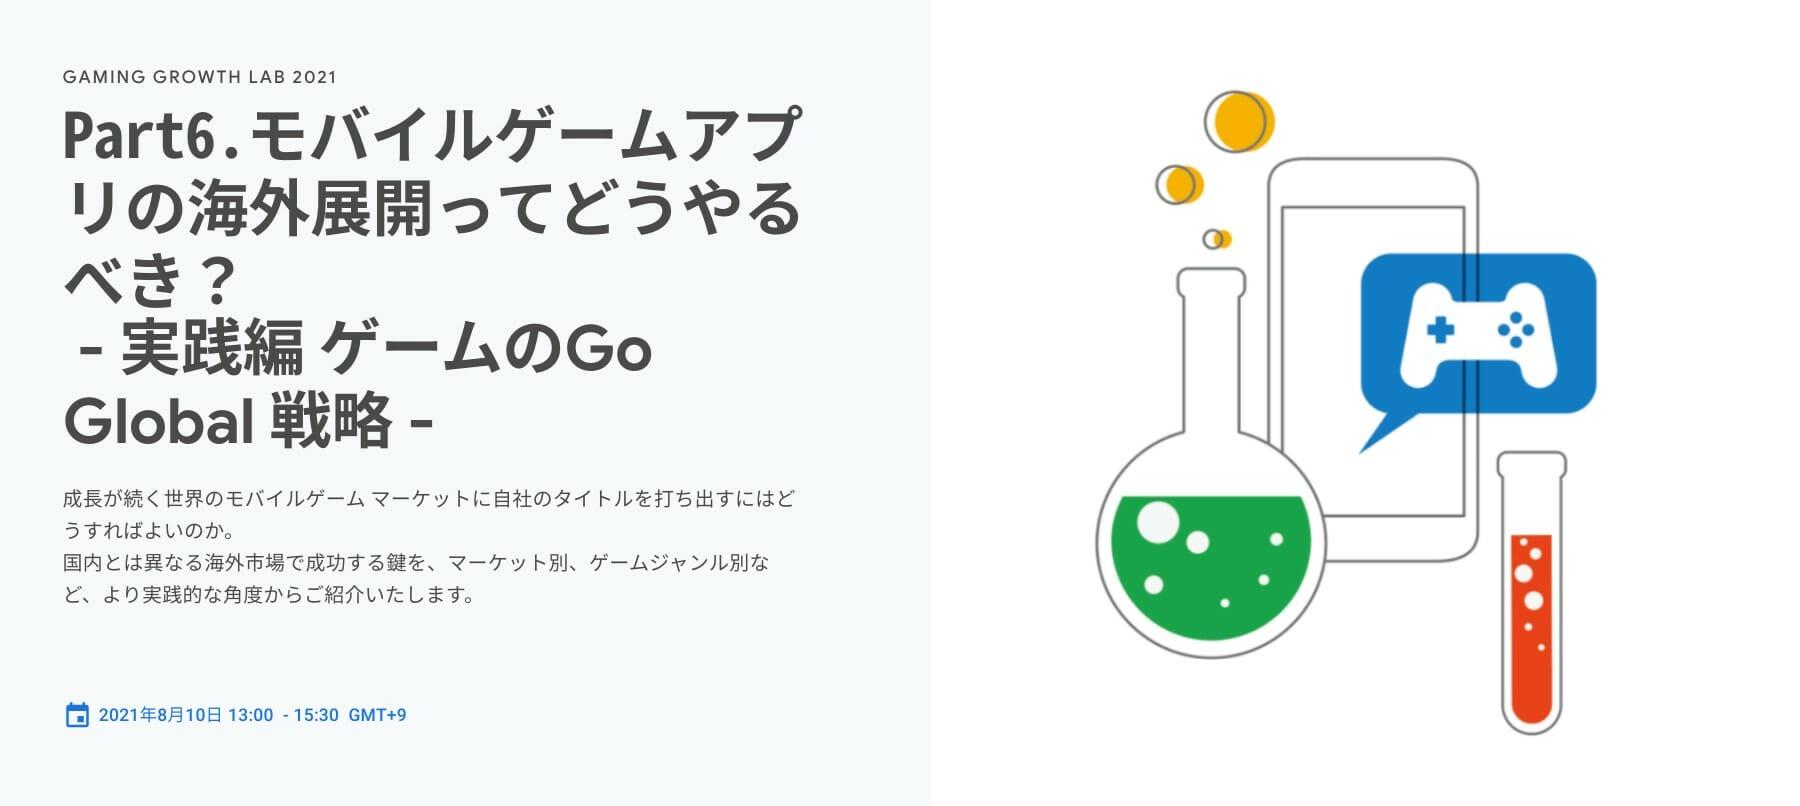 [Google 広告] Part6.モバイルゲームアプリの海外展開ってどうやるべき?~ 実践編 ゲームのGo Global 戦略 ~